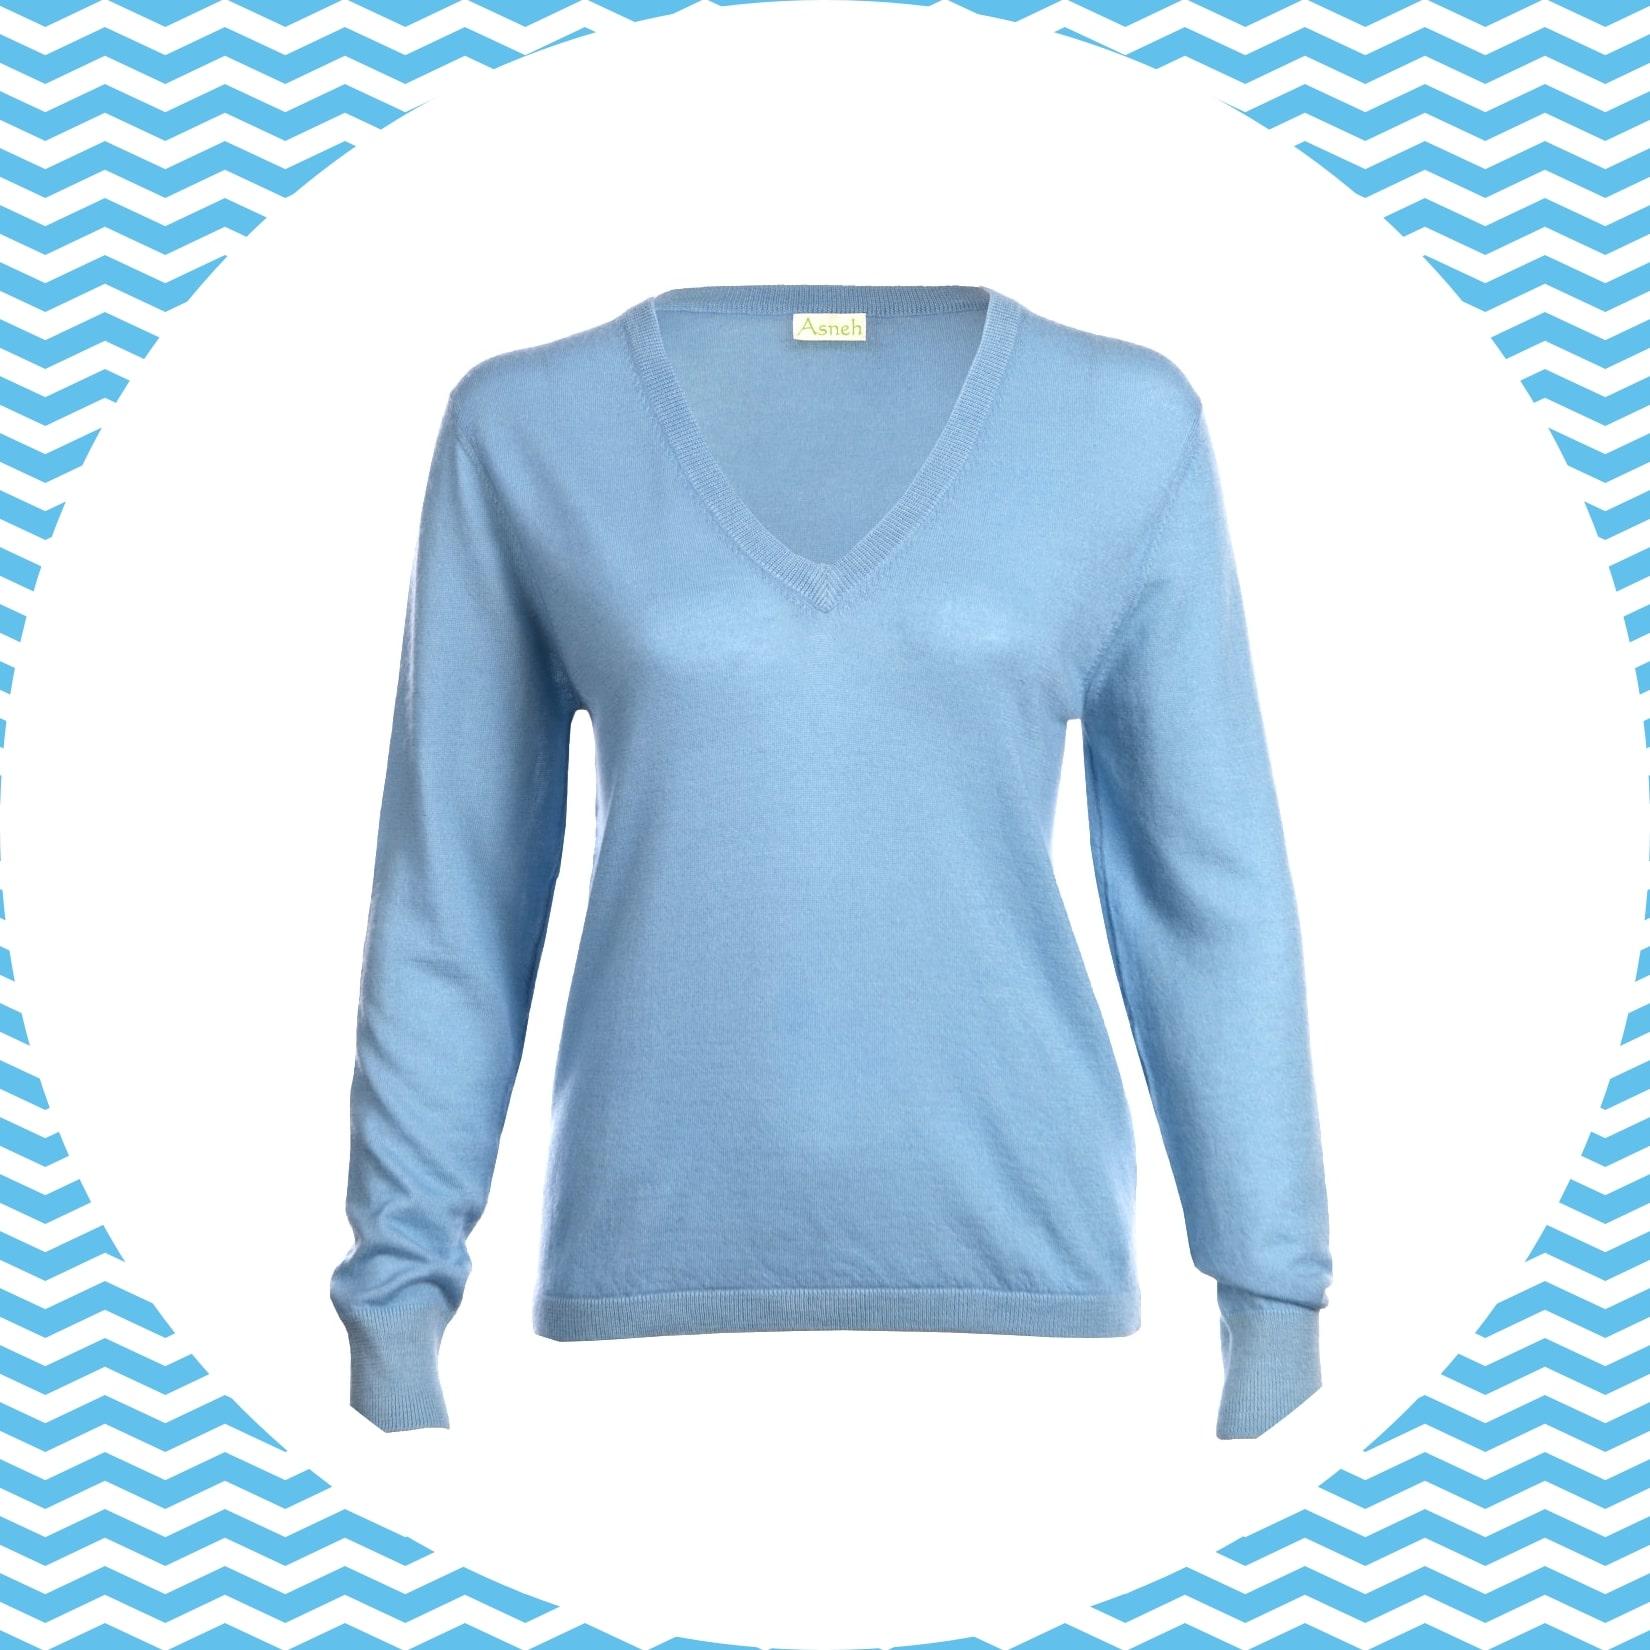 Light blue cashmere v-neck jumper